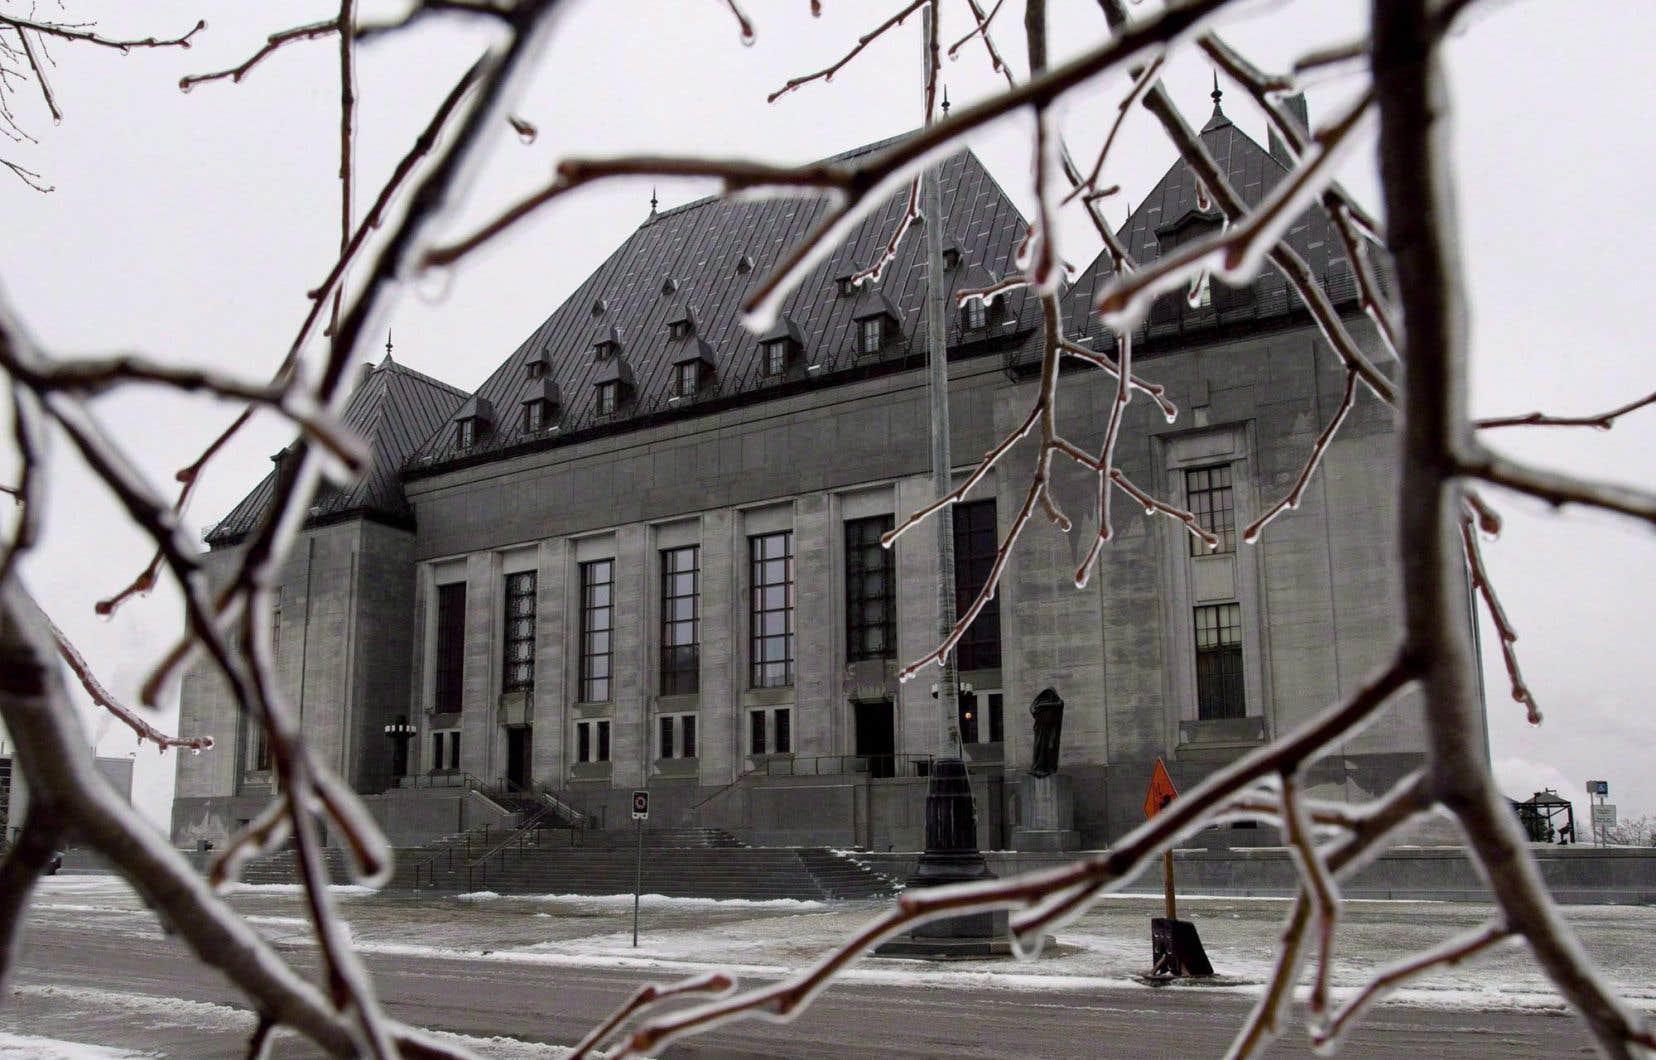 La Cour suprême pourrait bien conclure que l'arrêt des procédures n'est pas la seule solution en cas de délais excessifs, estime l'auteur.